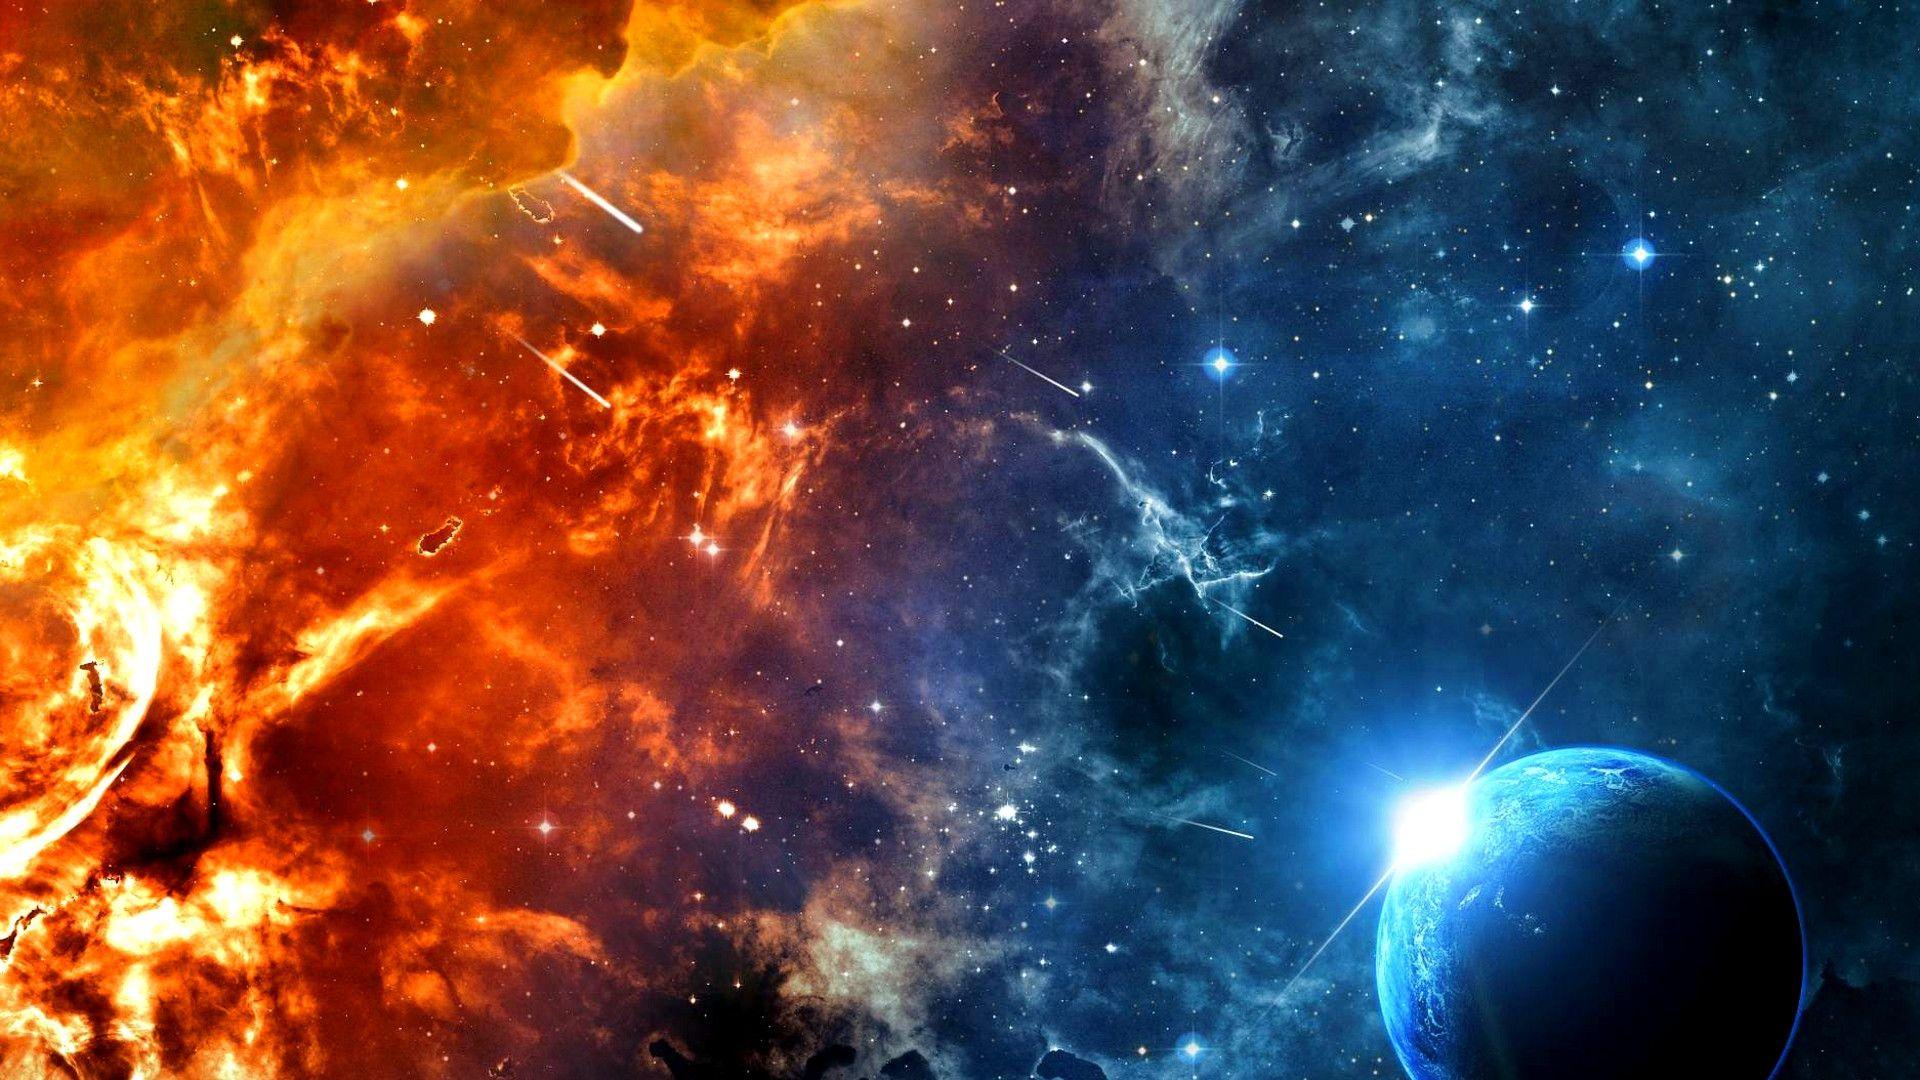 سوال در مورد بهشت و جهنم و اخر کار انسان